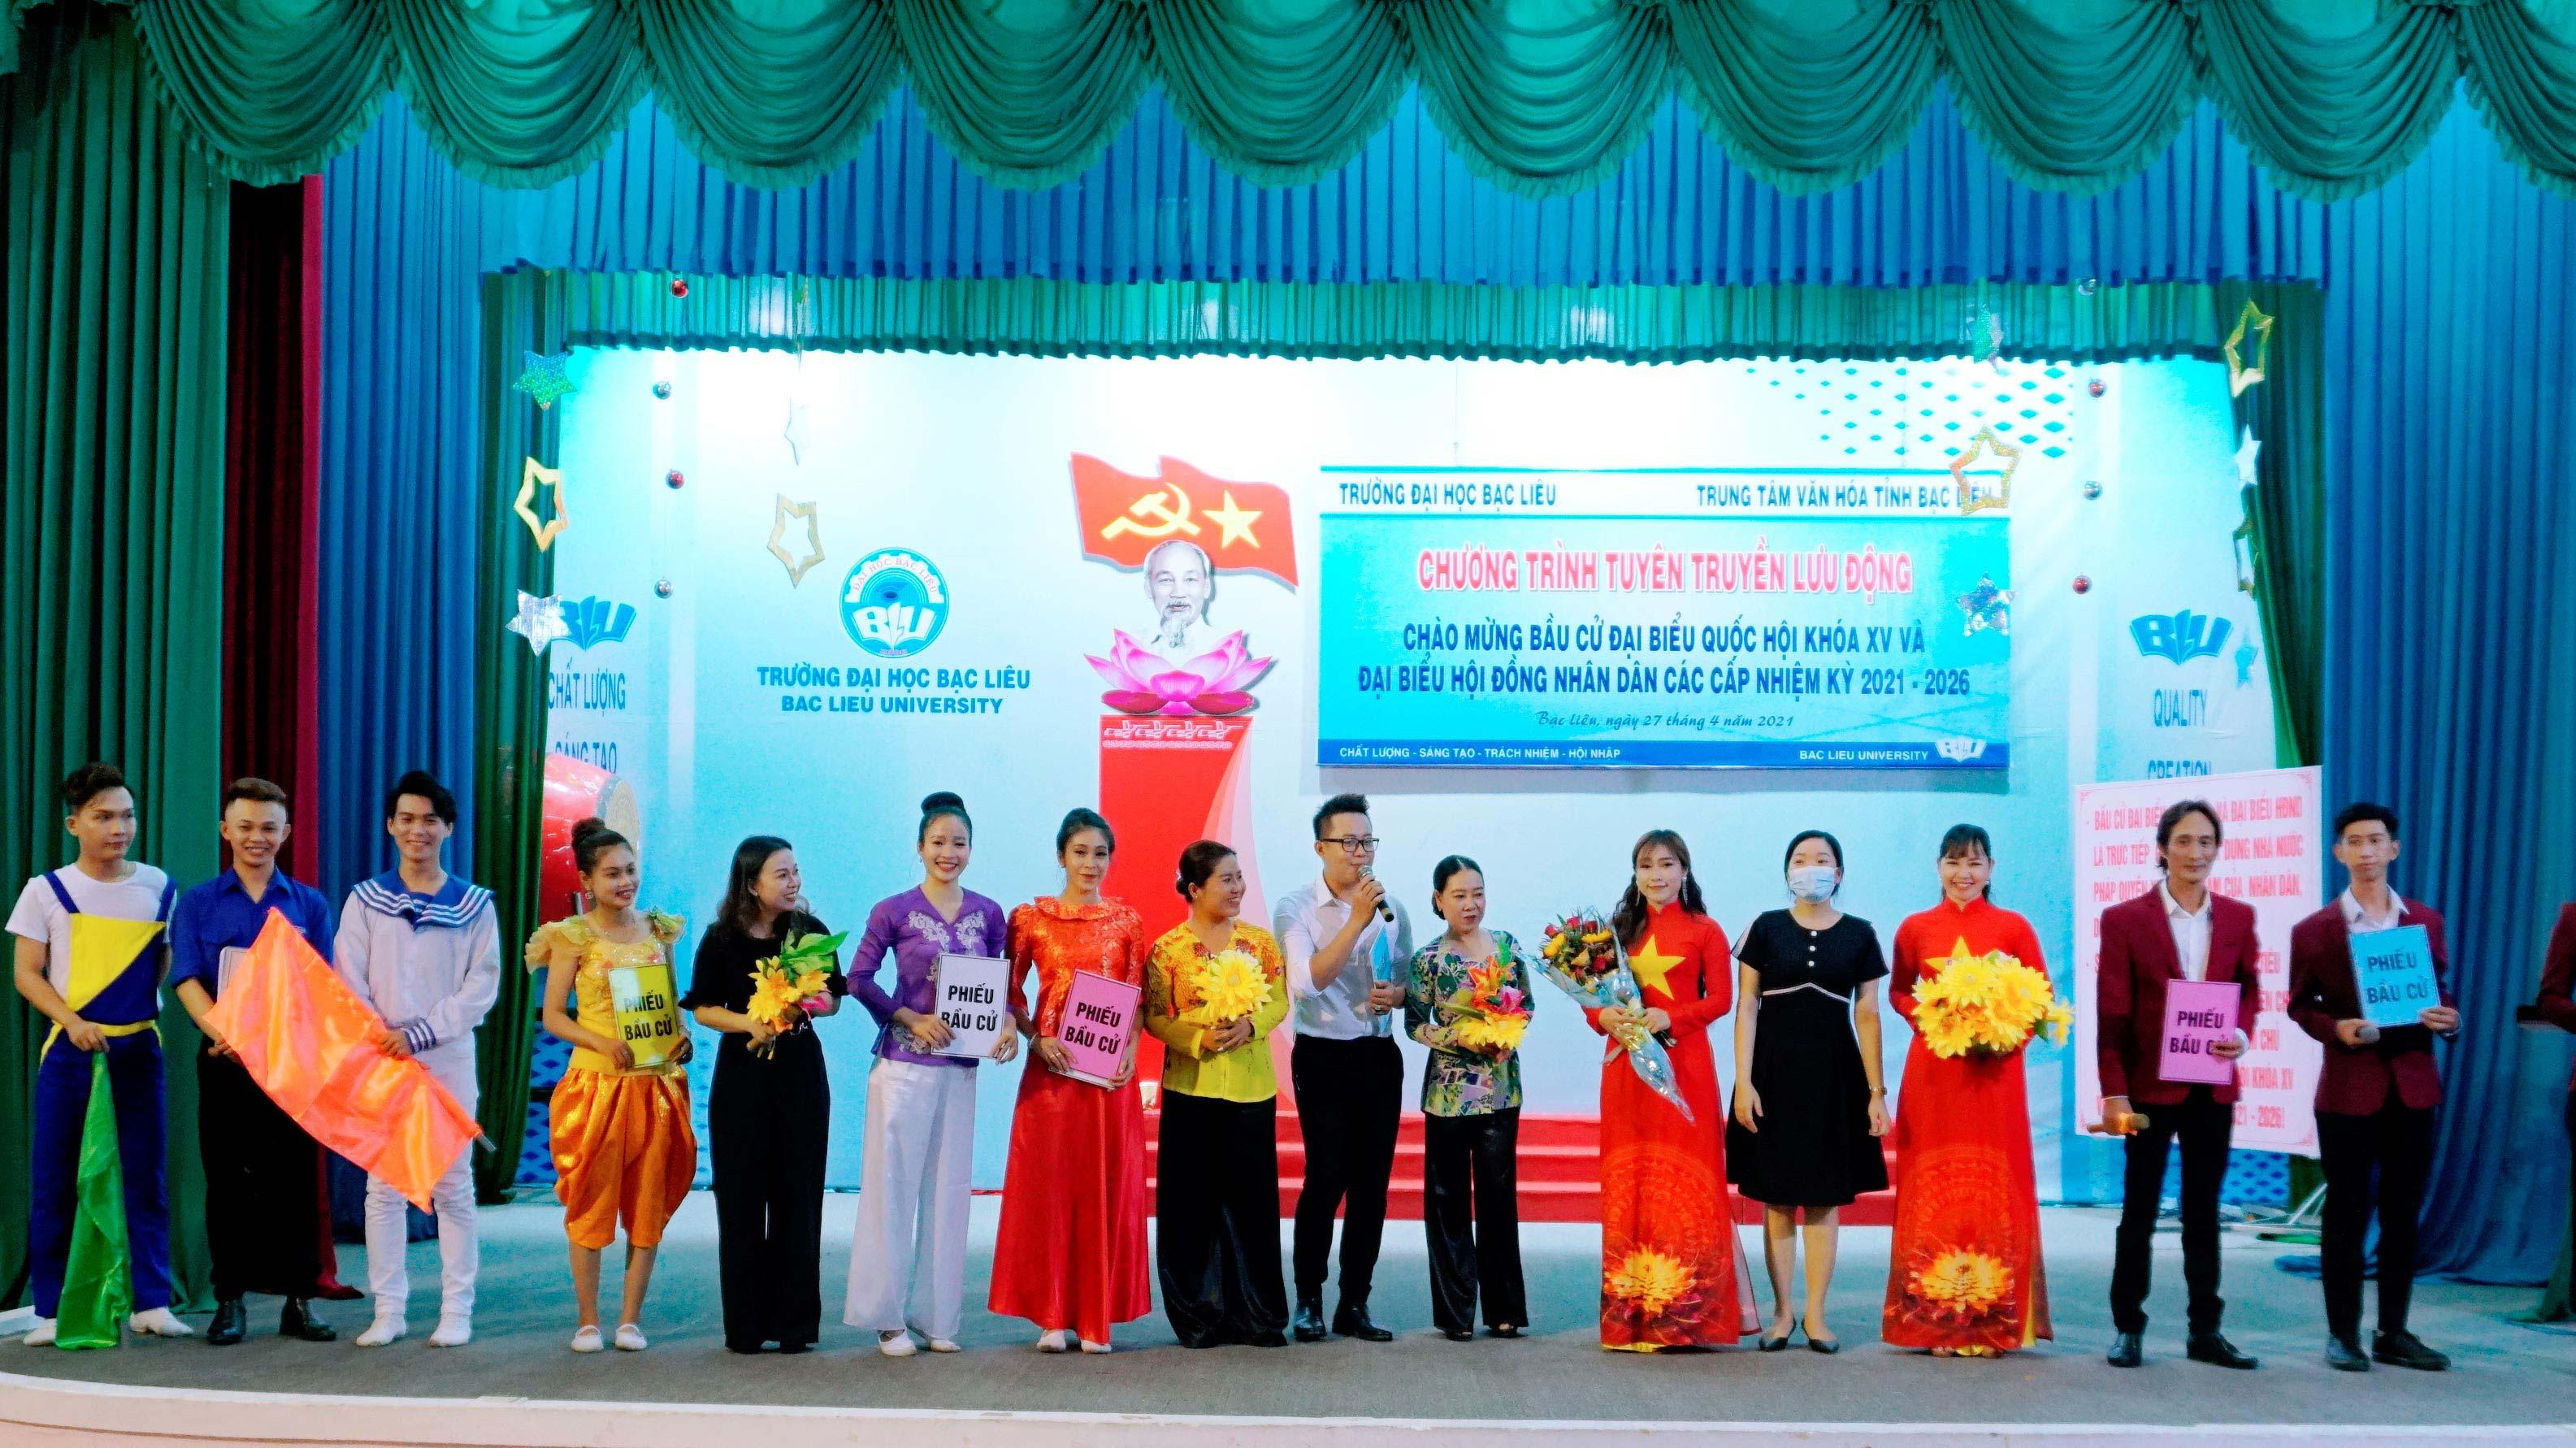 Trường đại học Bạc Liêu tuyên truyền bầu cử đại biểu Quốc hội Khoá XV và đại biểu Hội đồng nhân dân các cấp Nhiệm kỳ 2021 – 2026